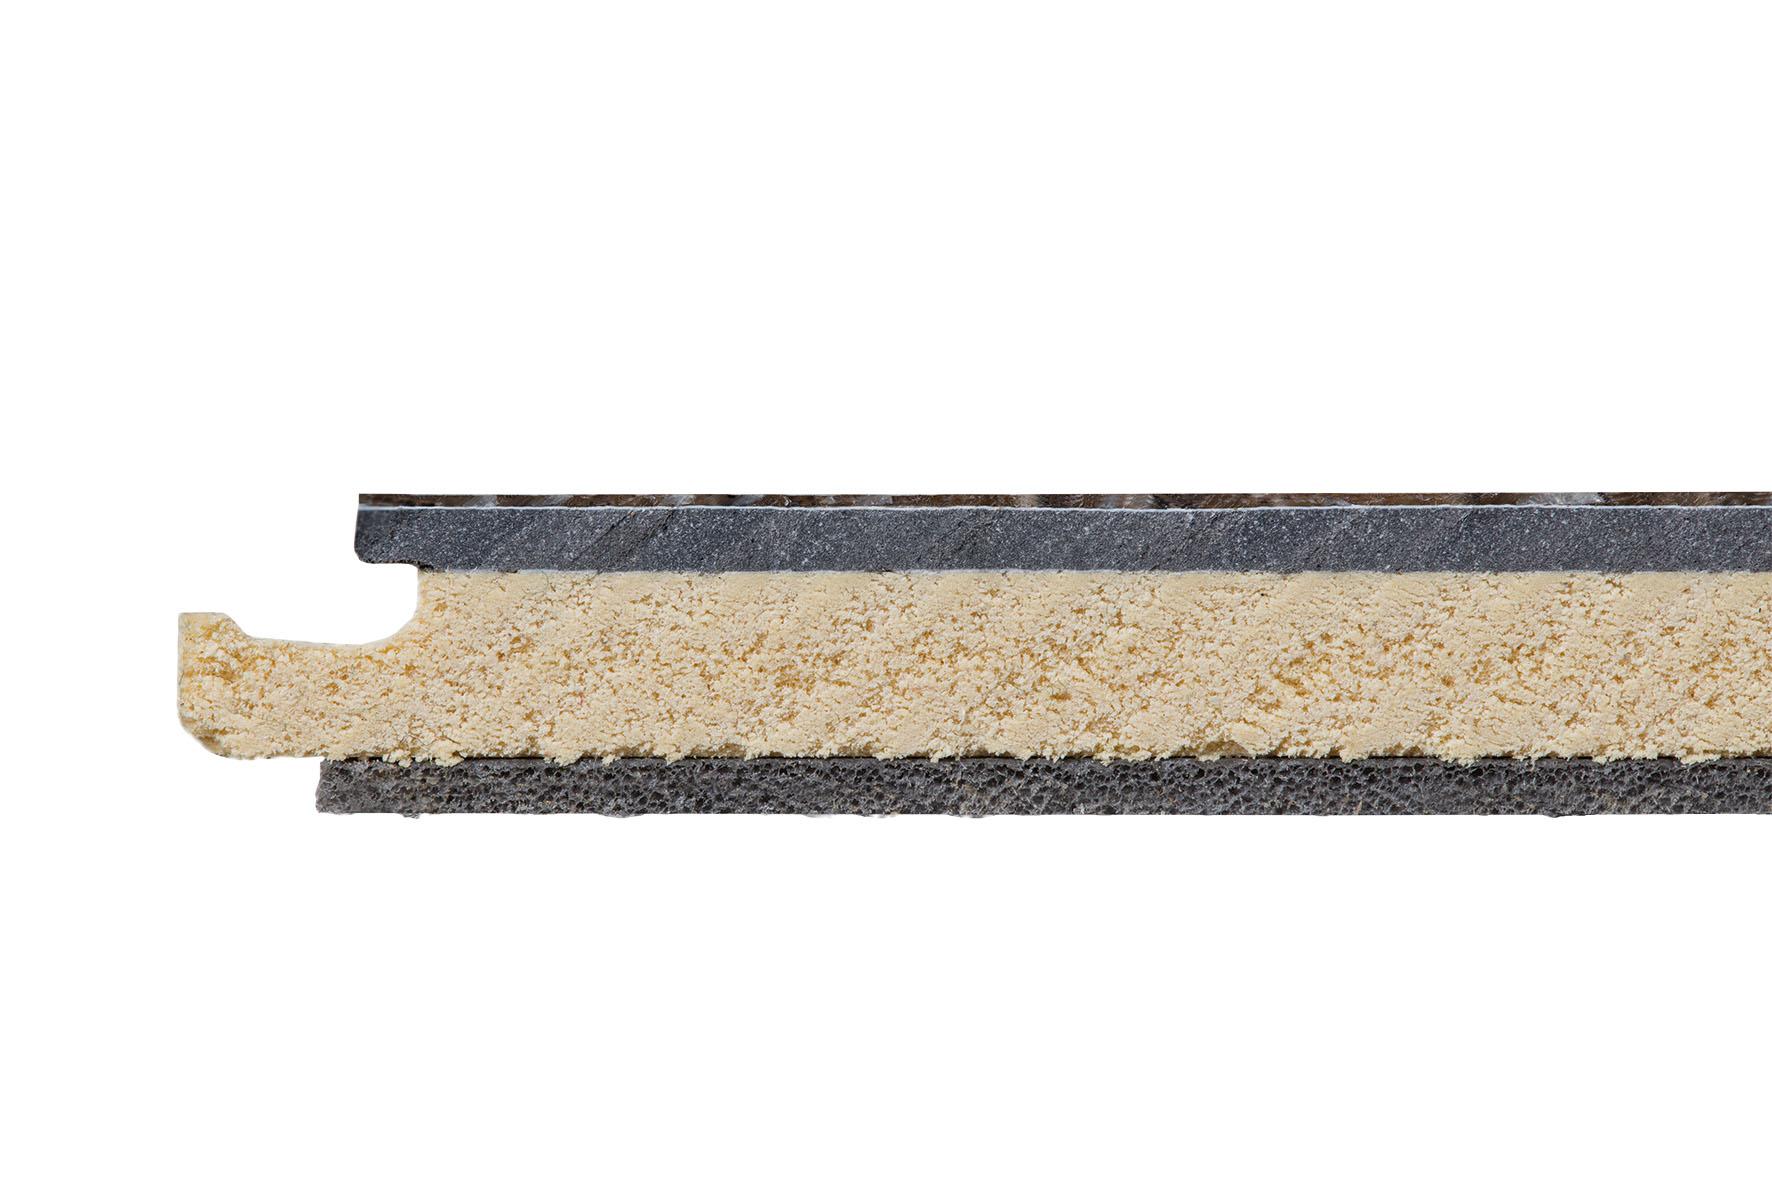 Vinfloors-TEC-Querschnitt-mehrschichtiger-Vinylboden-auf-Tragerplatte-mit-Trittschalldammung